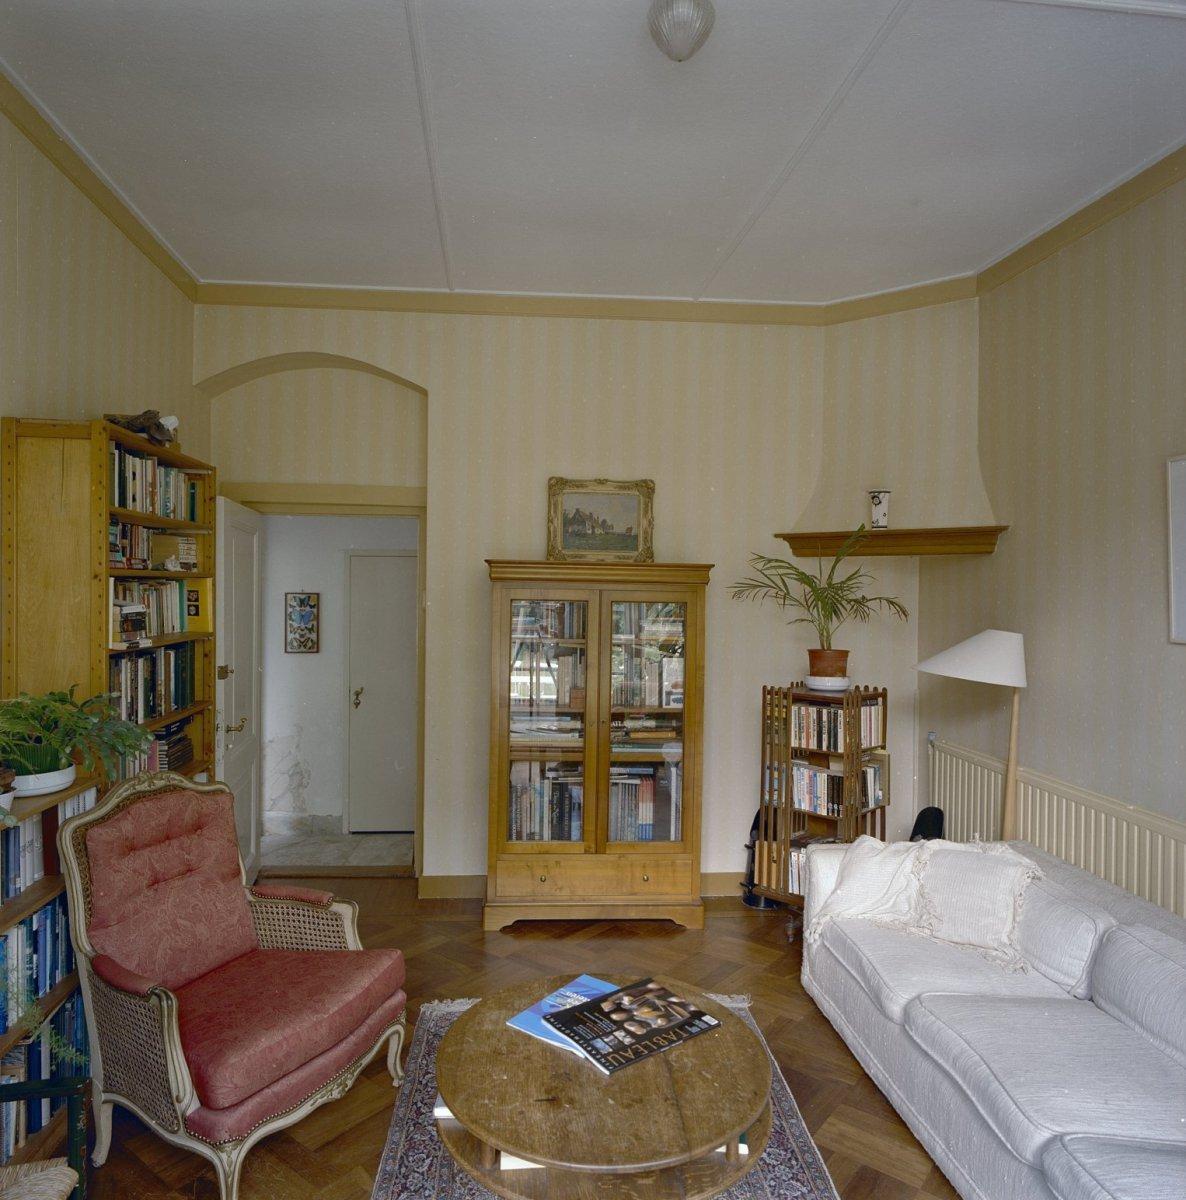 File:Interieur, overzicht linker achterkamer, vroeg 20e eeuws met ...